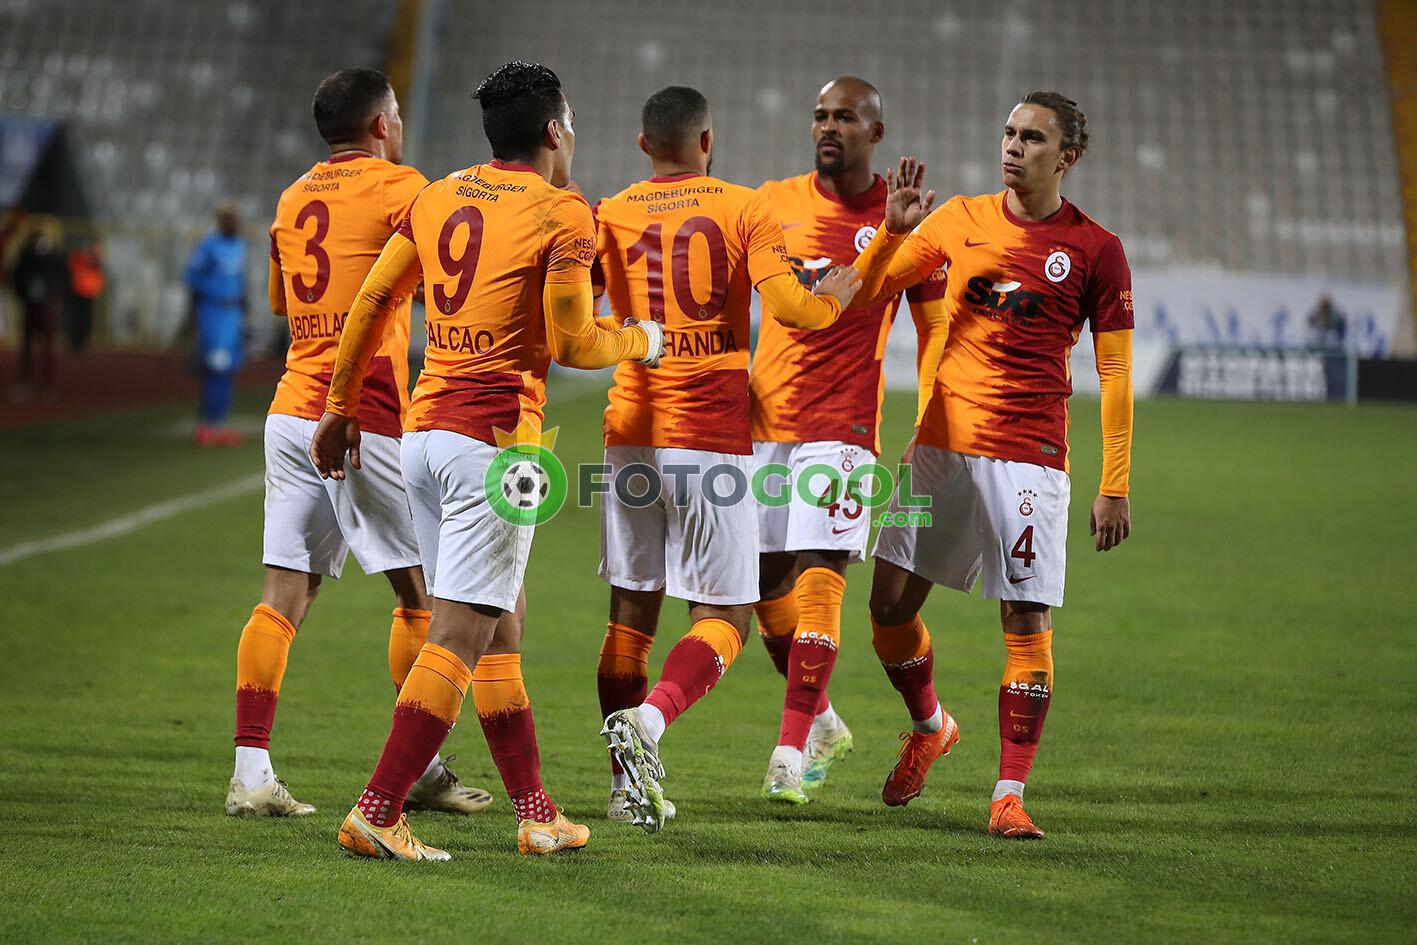 Galatasaray kazanmayı hatırladı 1-2